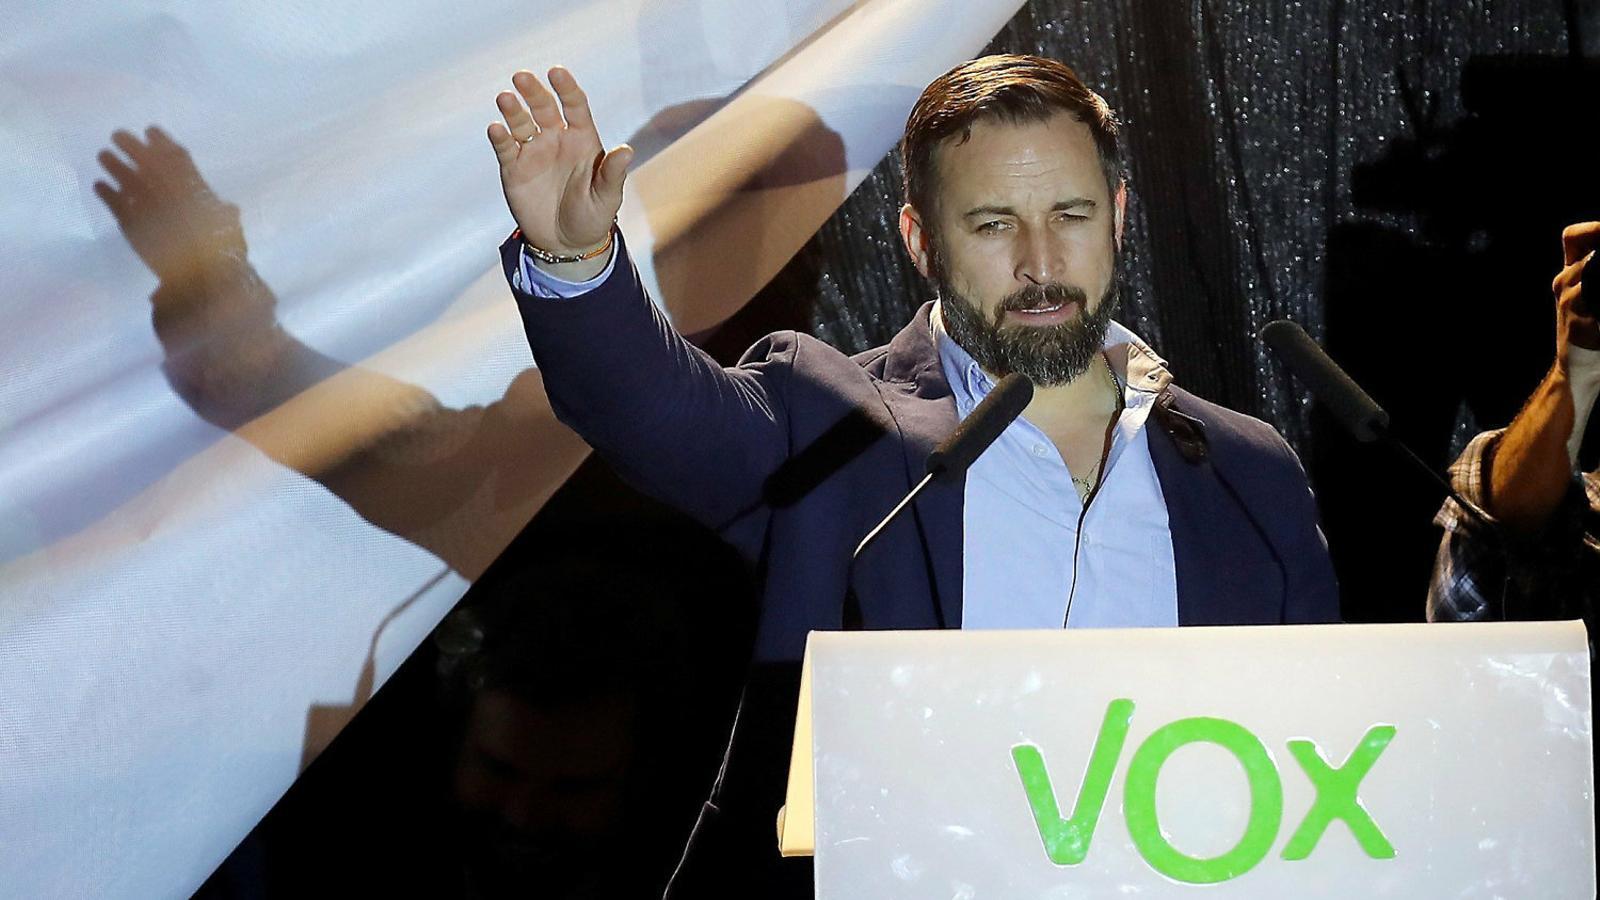 Vox entra però no compleix expectatives